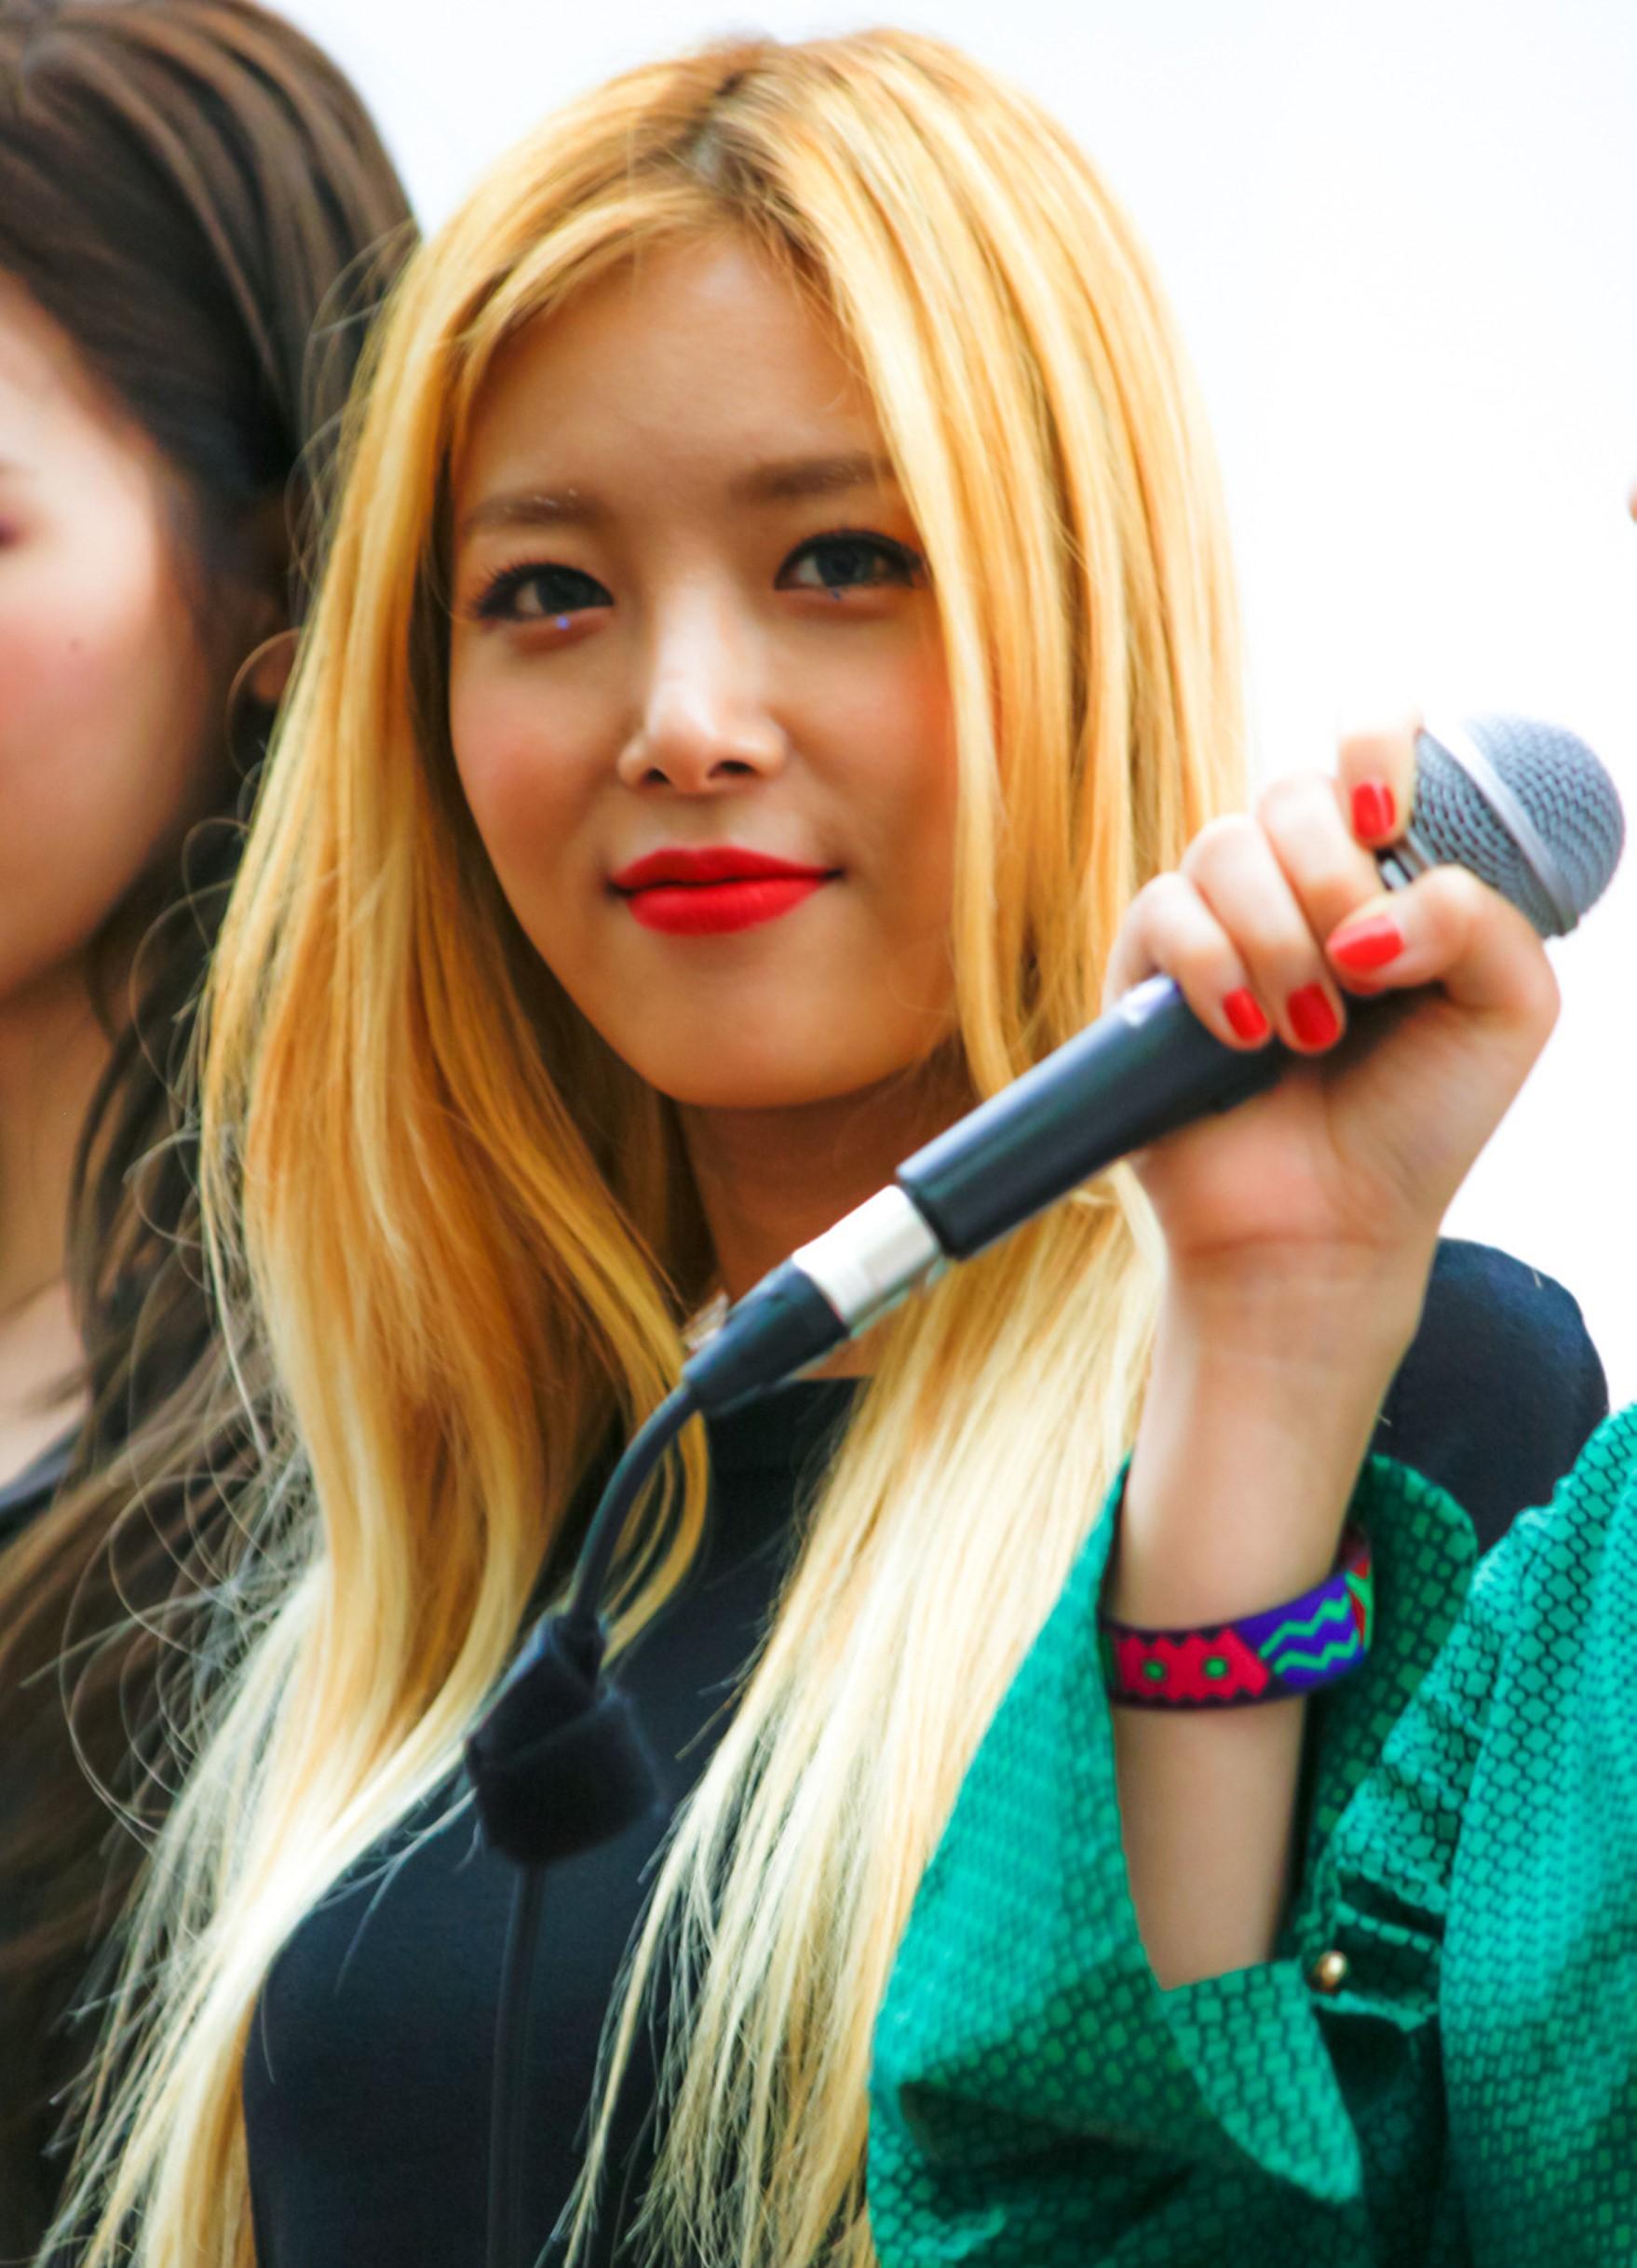 婑斌 - 維基百科,金到姬,因無法放棄歌手的夢想獨自來到韓國。 于發布首張個人迷你專輯時更改藝名,自由的百科全書